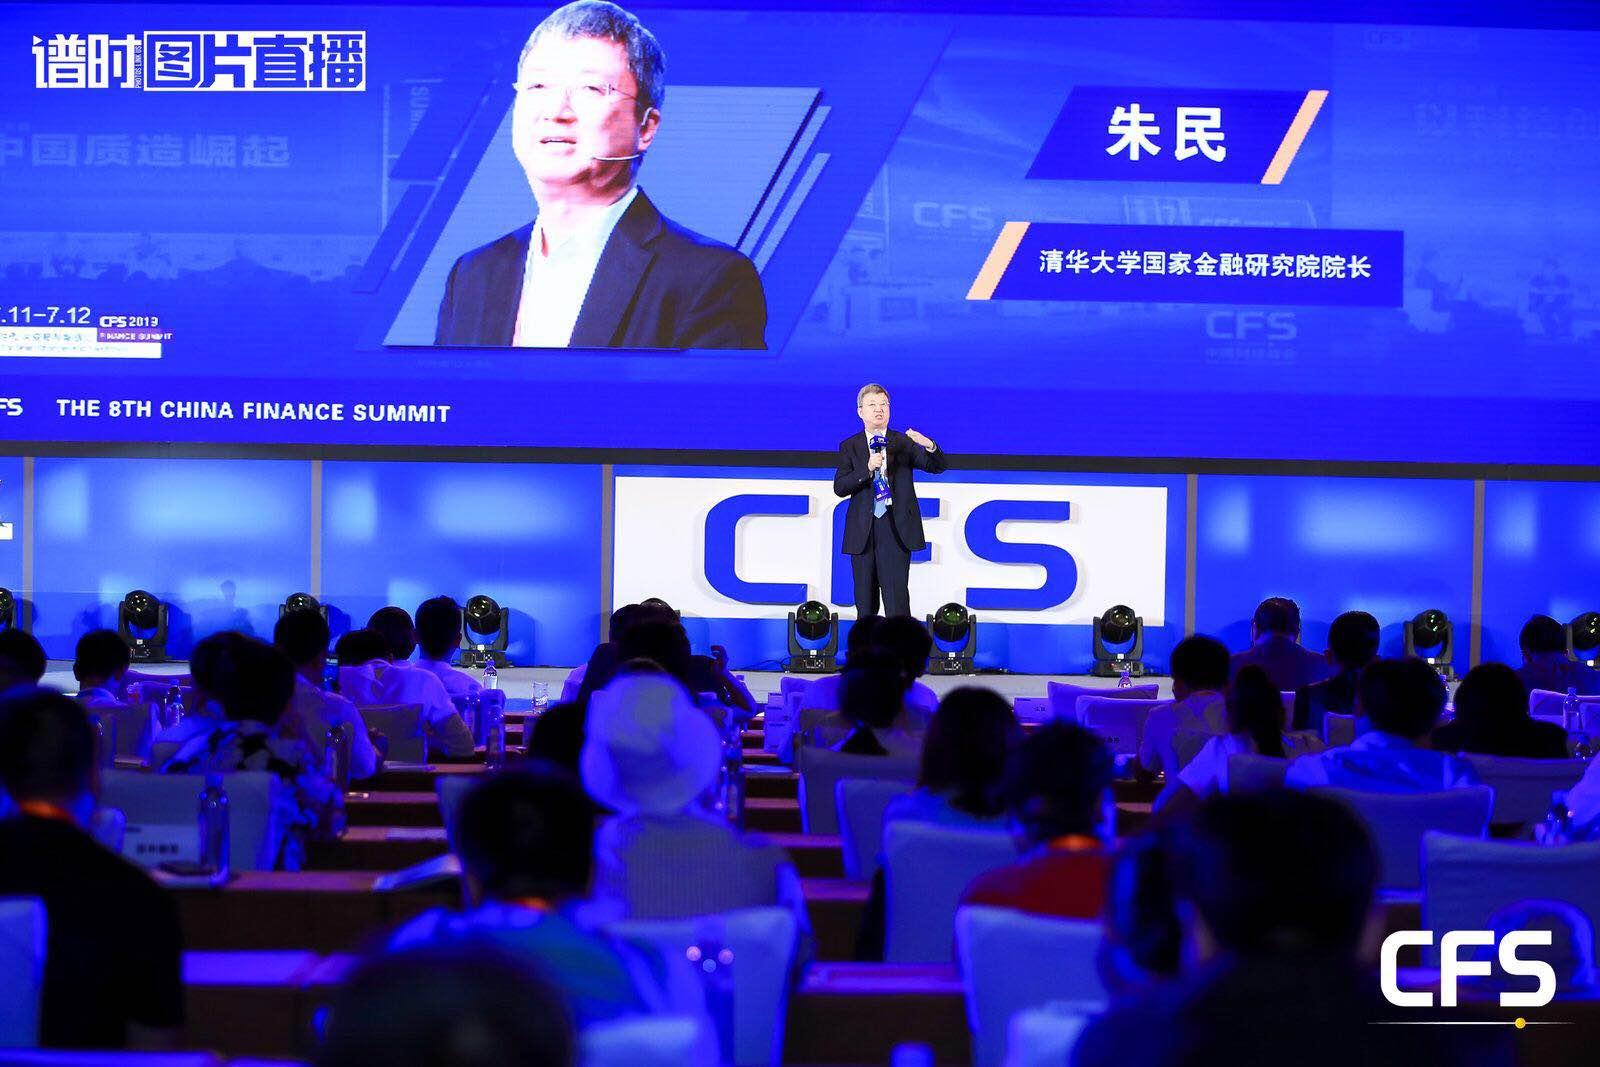 清华大学国家金融研究院院长朱民出席峰会